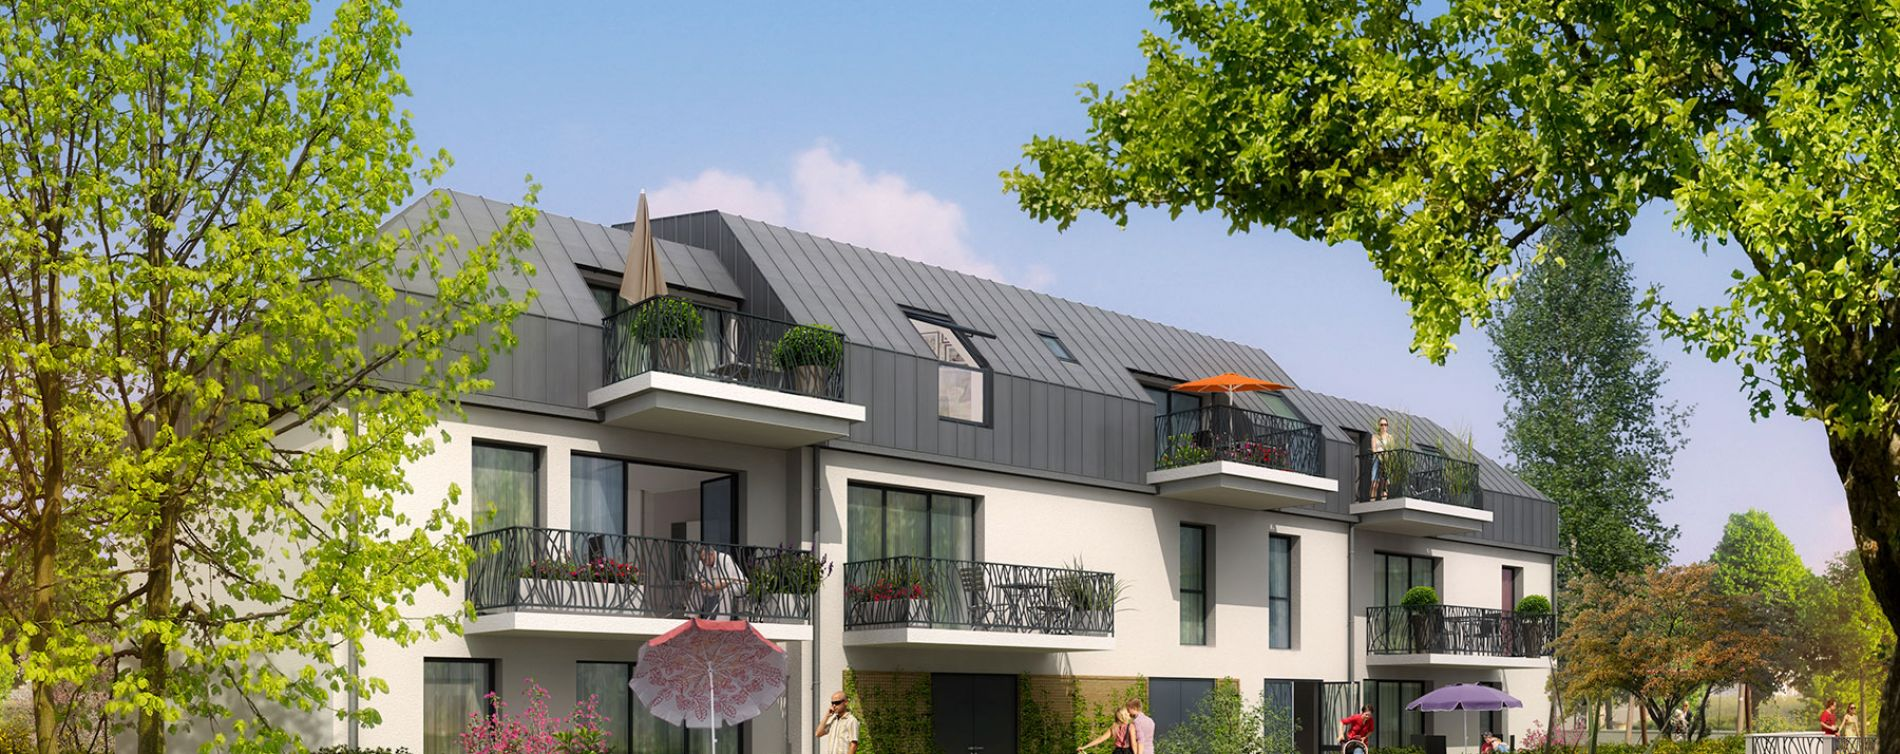 les jardins de saint ouen caen programme immobilier neuf n 213379. Black Bedroom Furniture Sets. Home Design Ideas